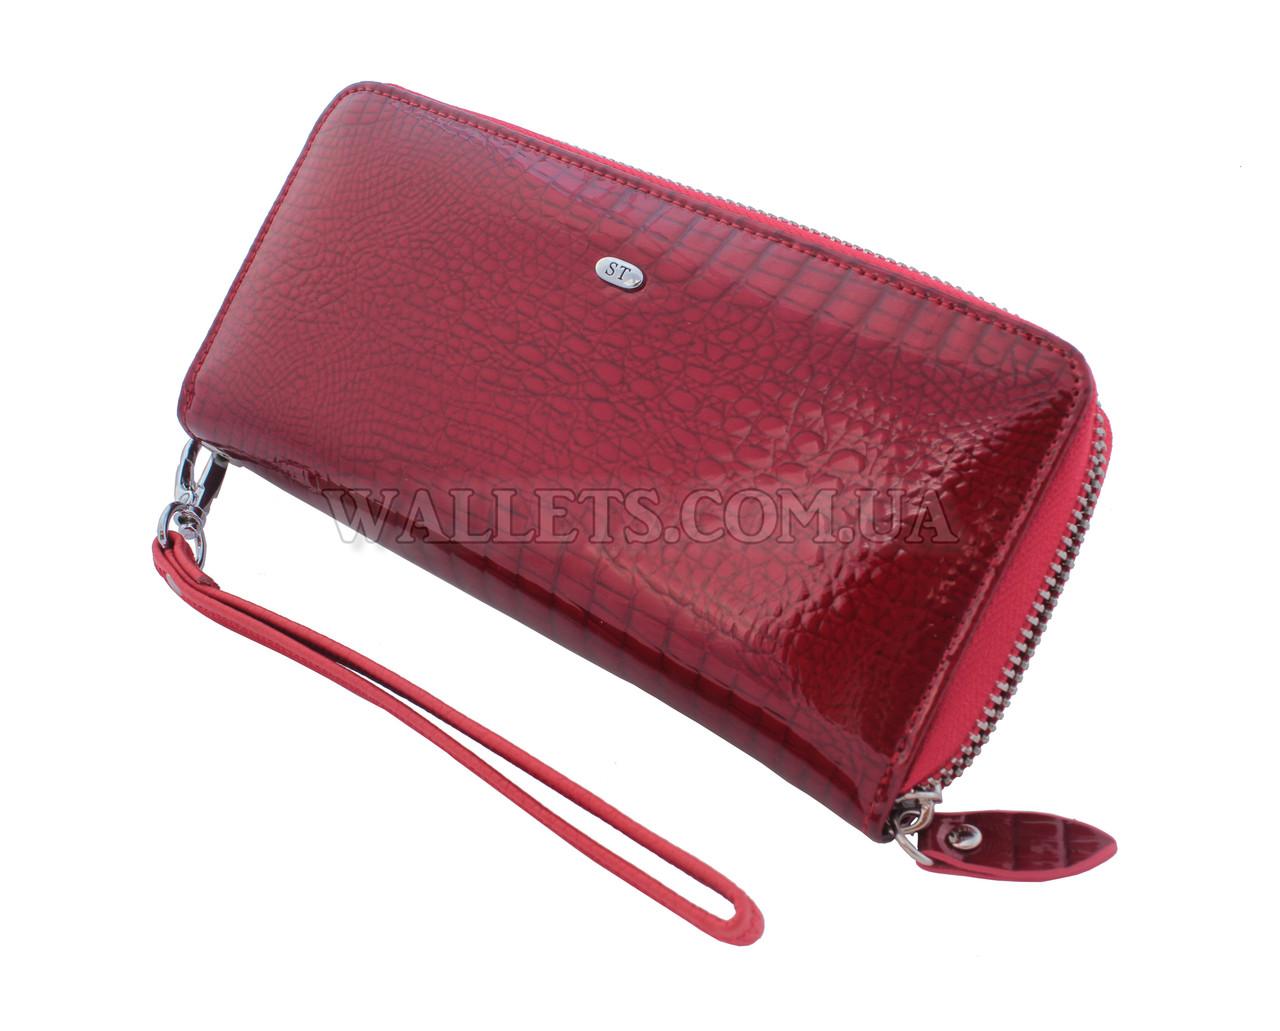 d96324c27dd6 Женский кожаный кошелек ST Leather Accessories на молнии, красный, лак. -  Интернет-